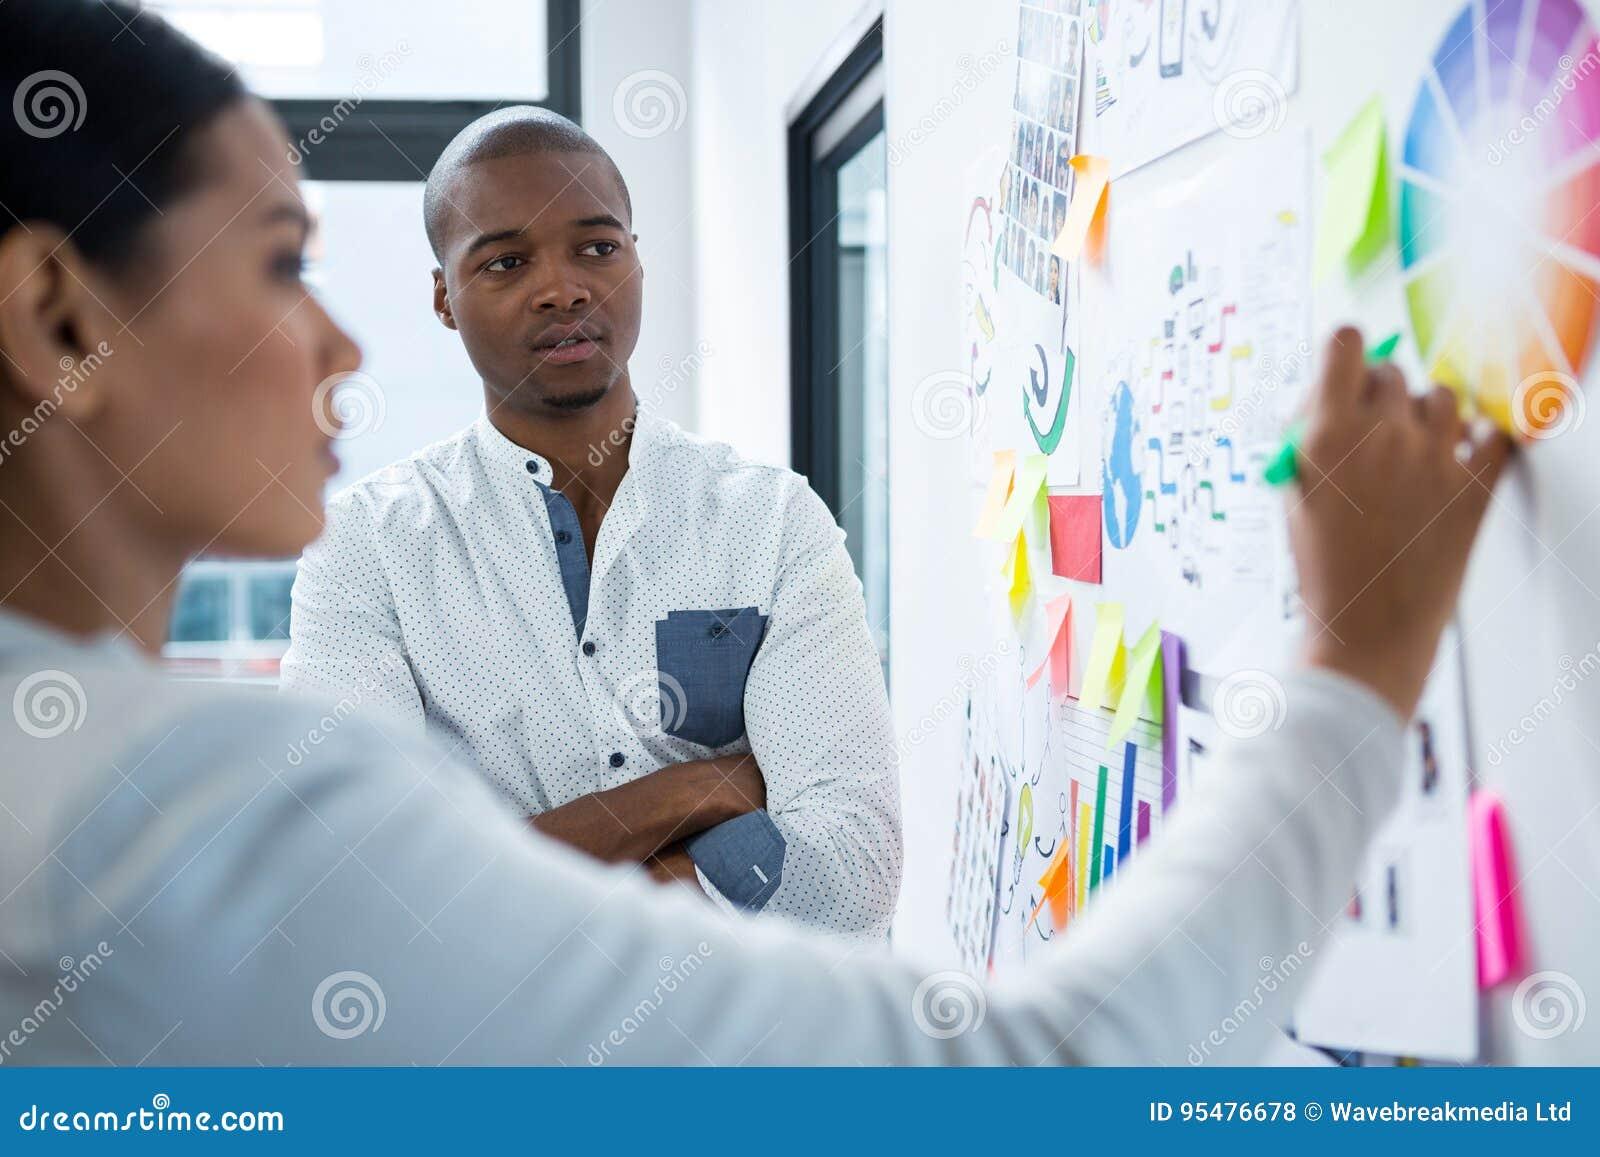 Projektant grafik komputerowych dyskutuje nad mapami i wykresem